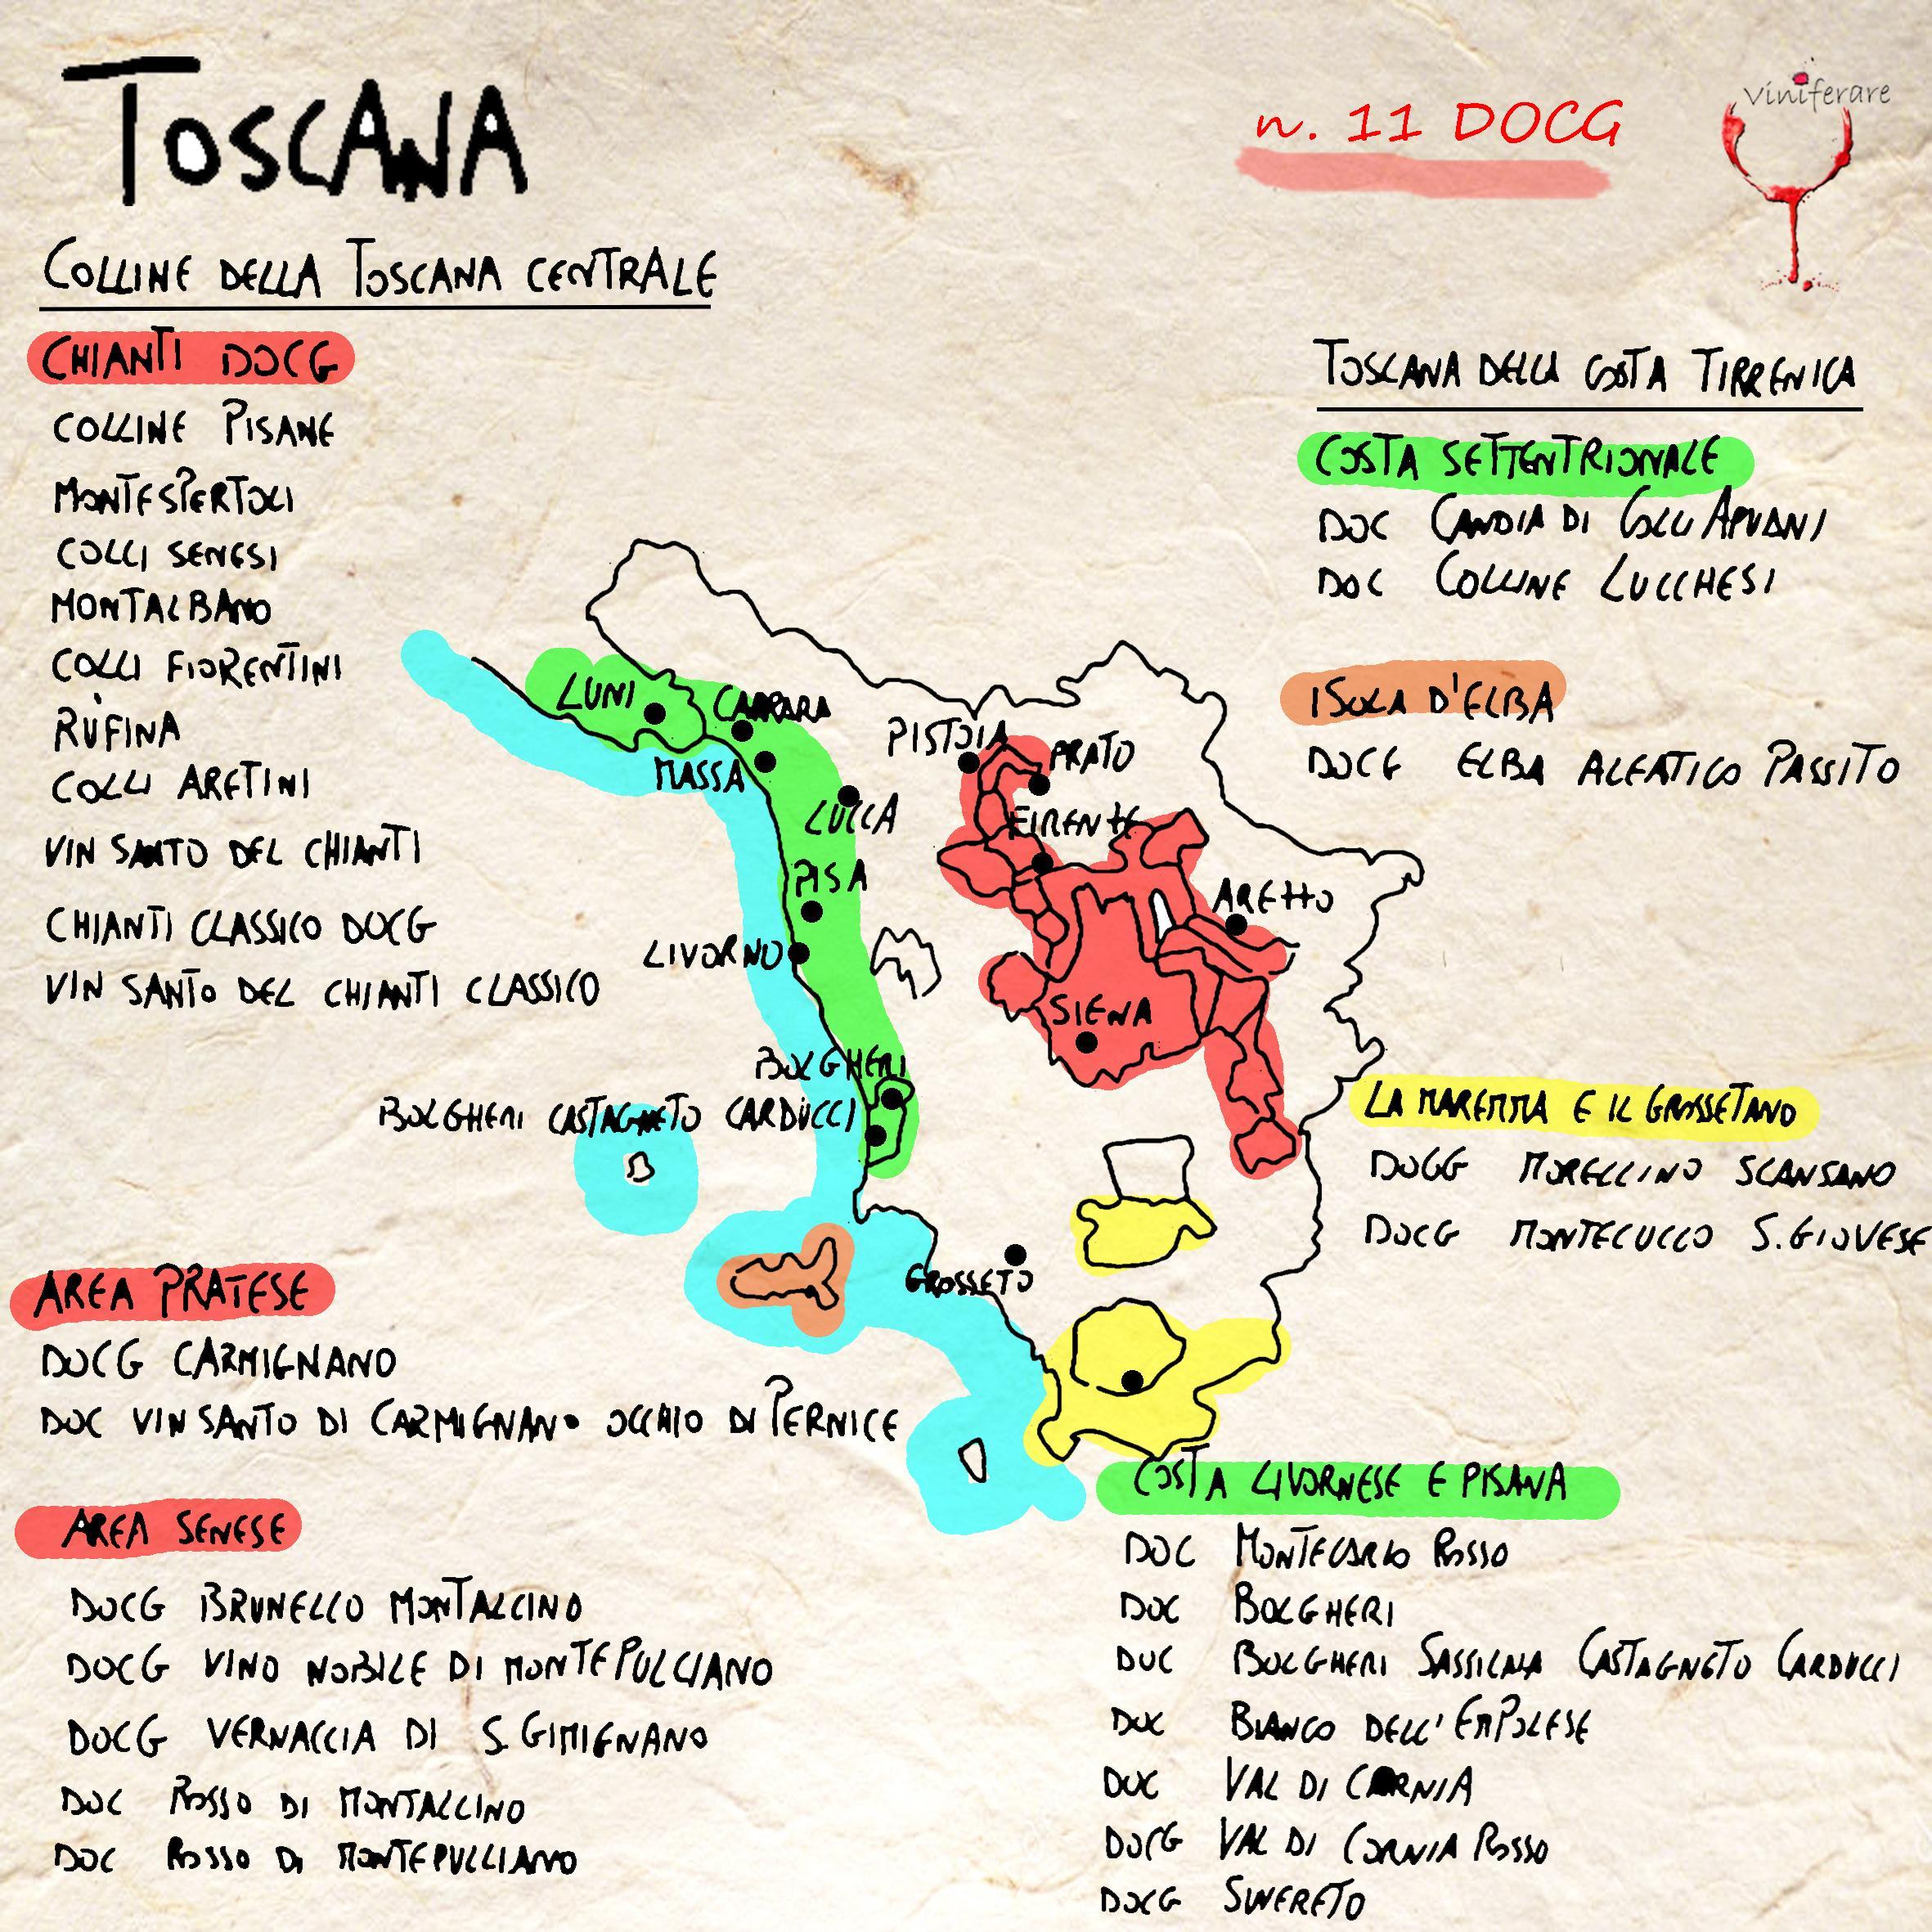 Costa Tirrenica Toscana Cartina.I Vini E I Vigneti Della Toscana Viniferare It